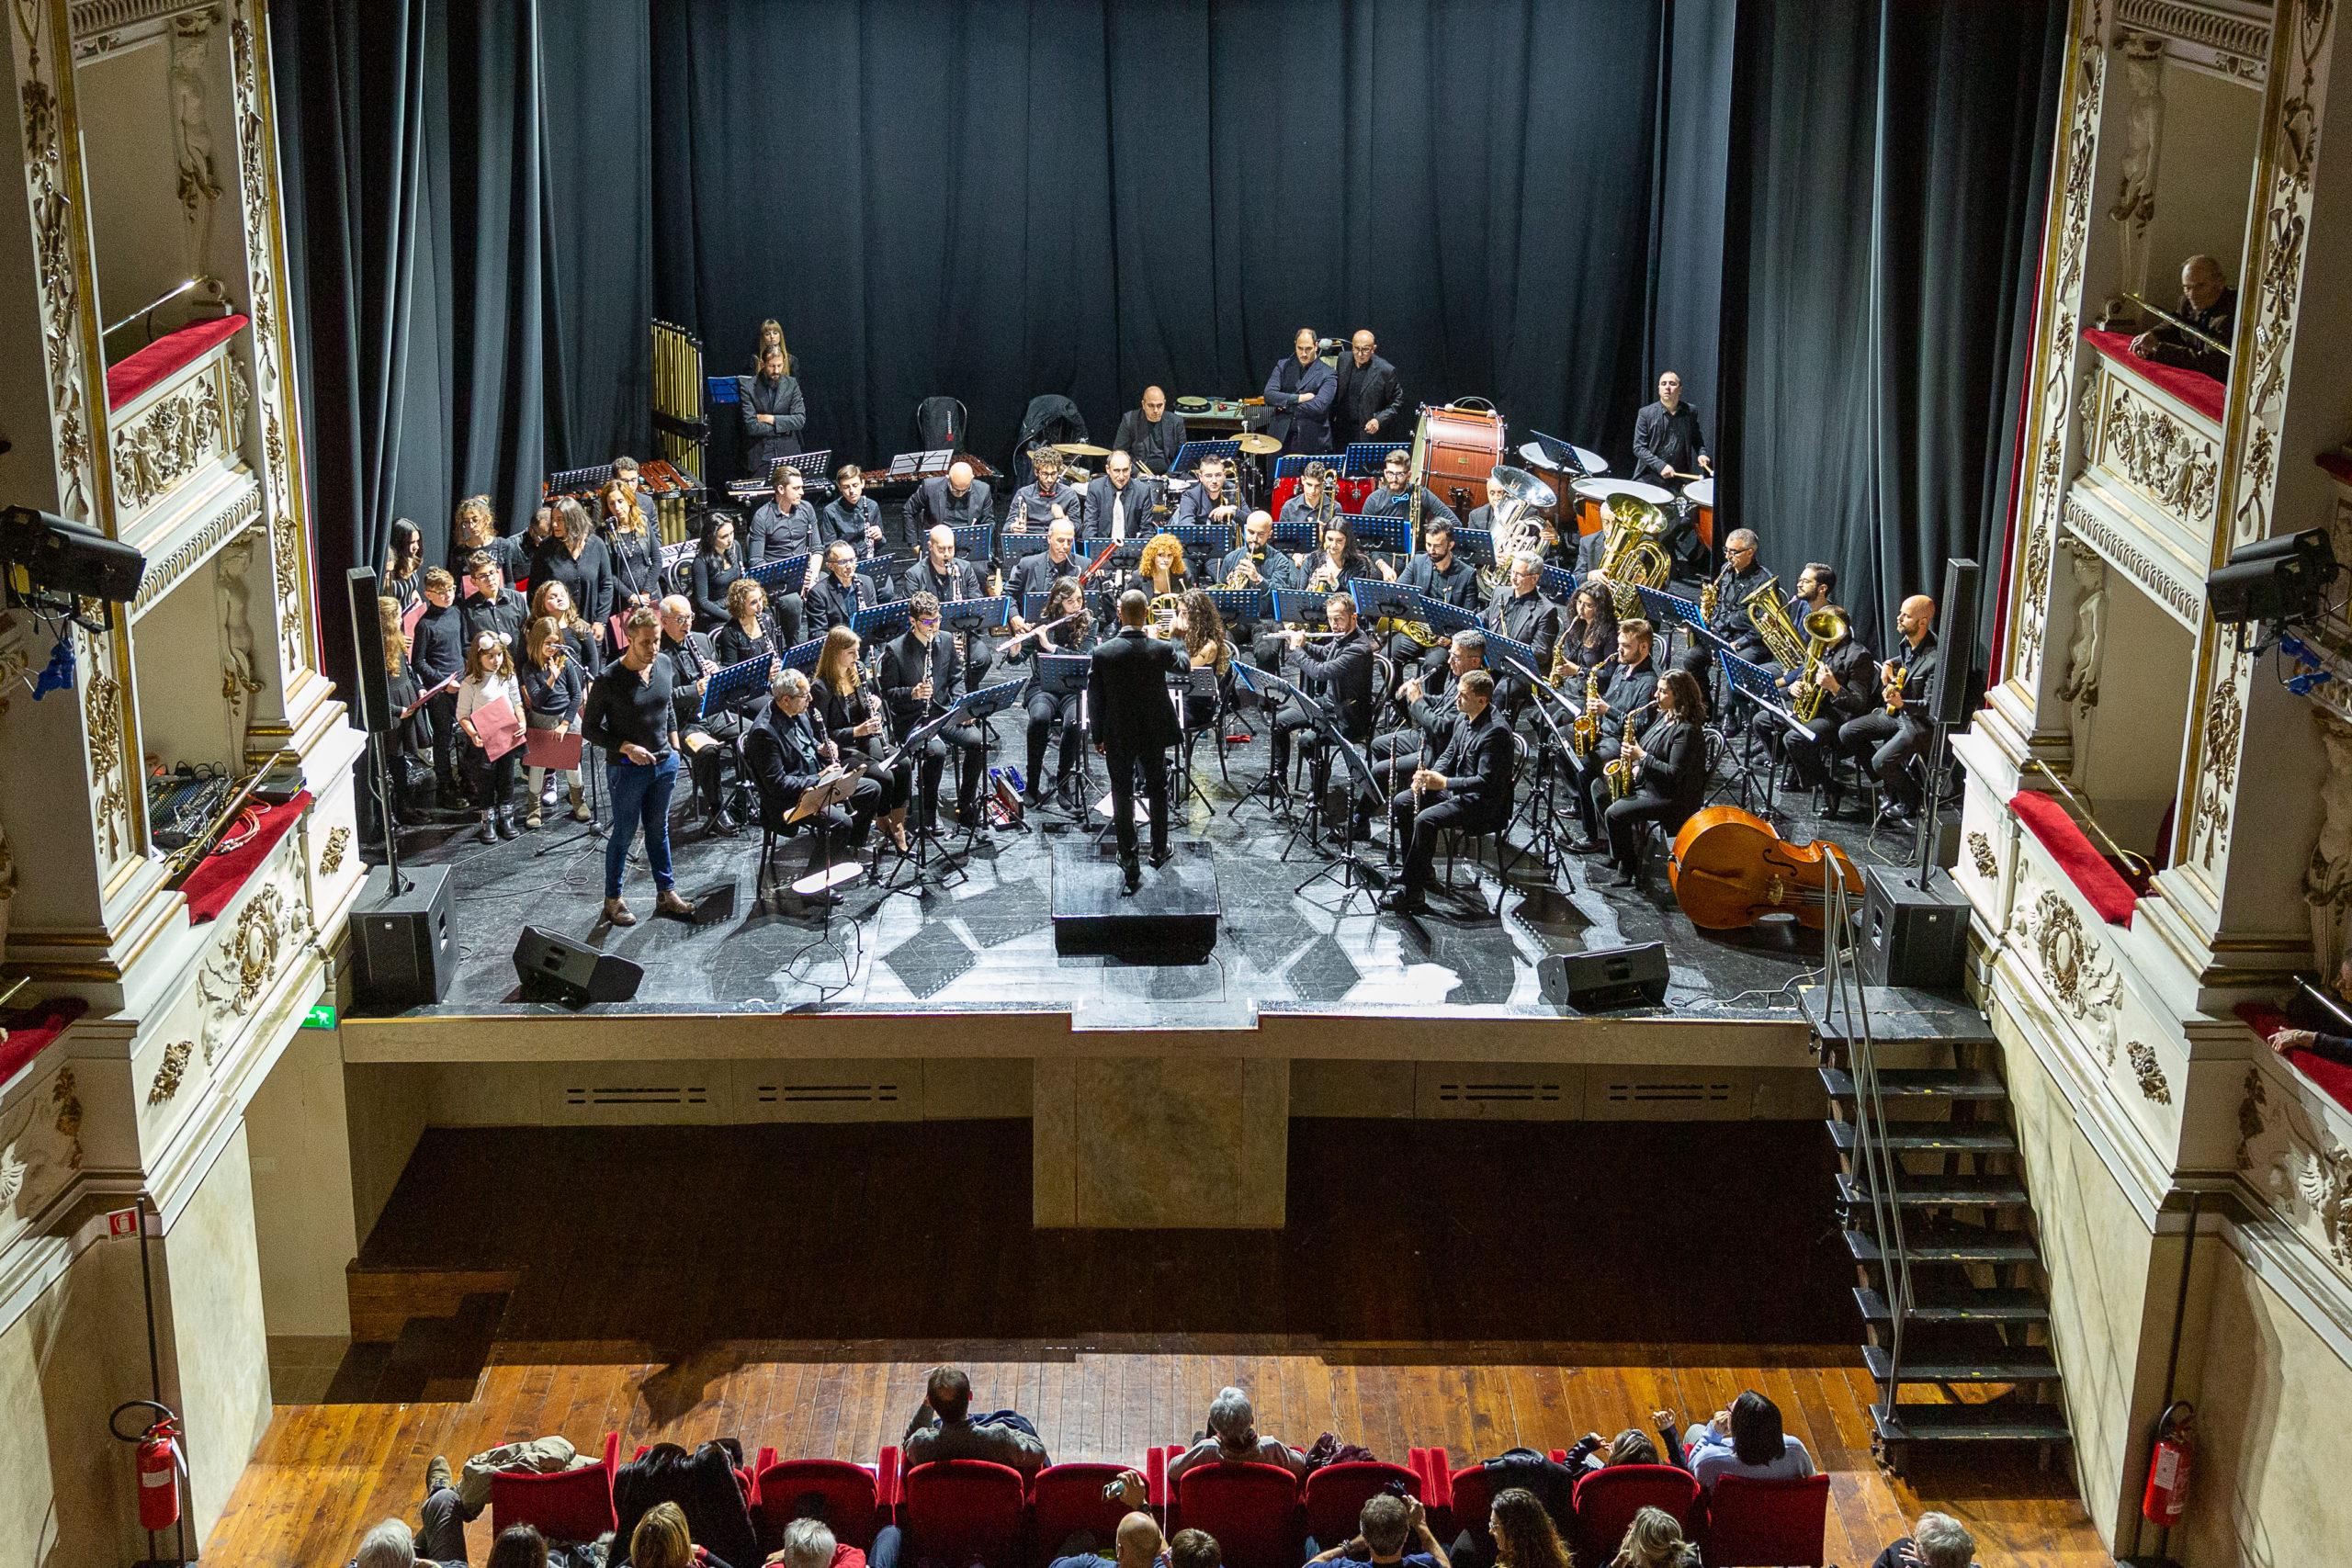 Concerto-di-Natale-Banda-Alaleona-Foto-di-Marco-Rapazzetti-1-scaled